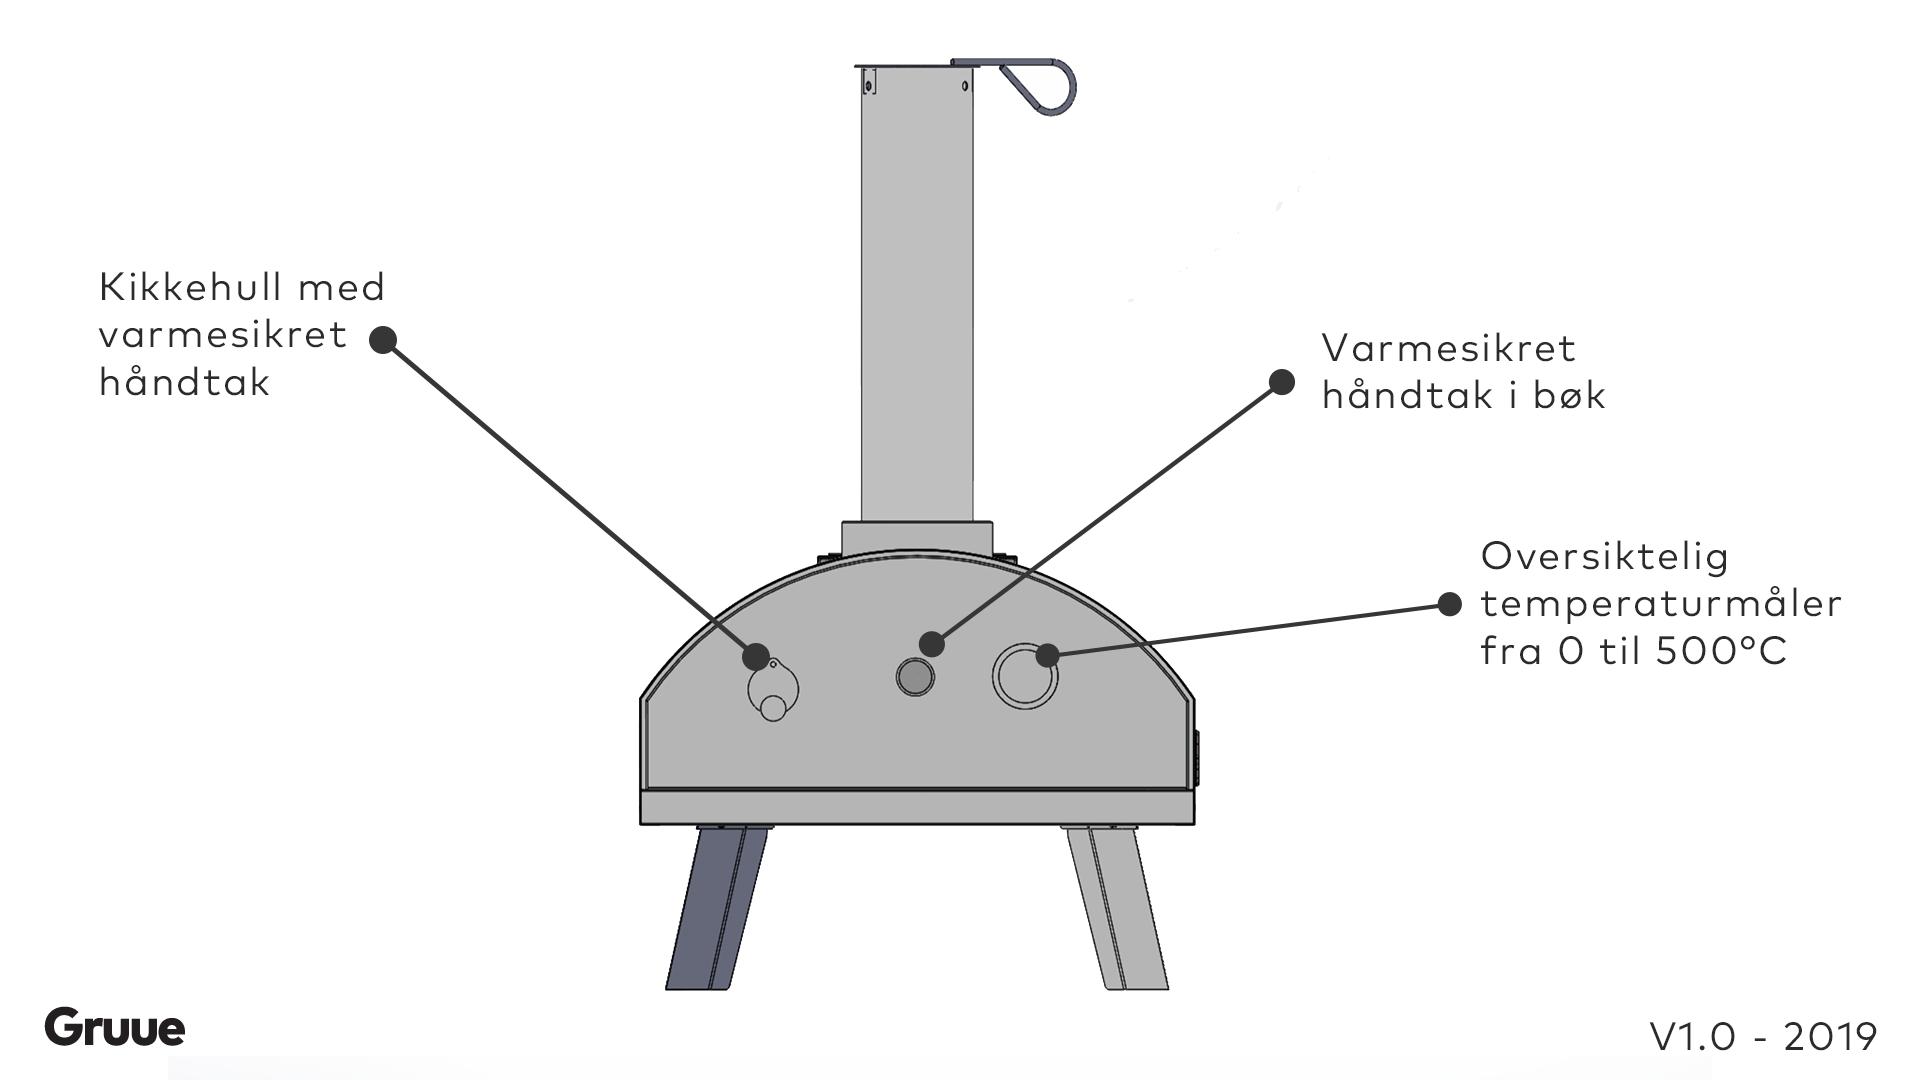 Gruue vedfyrt pizzaovn teknisk tegning av forsiden